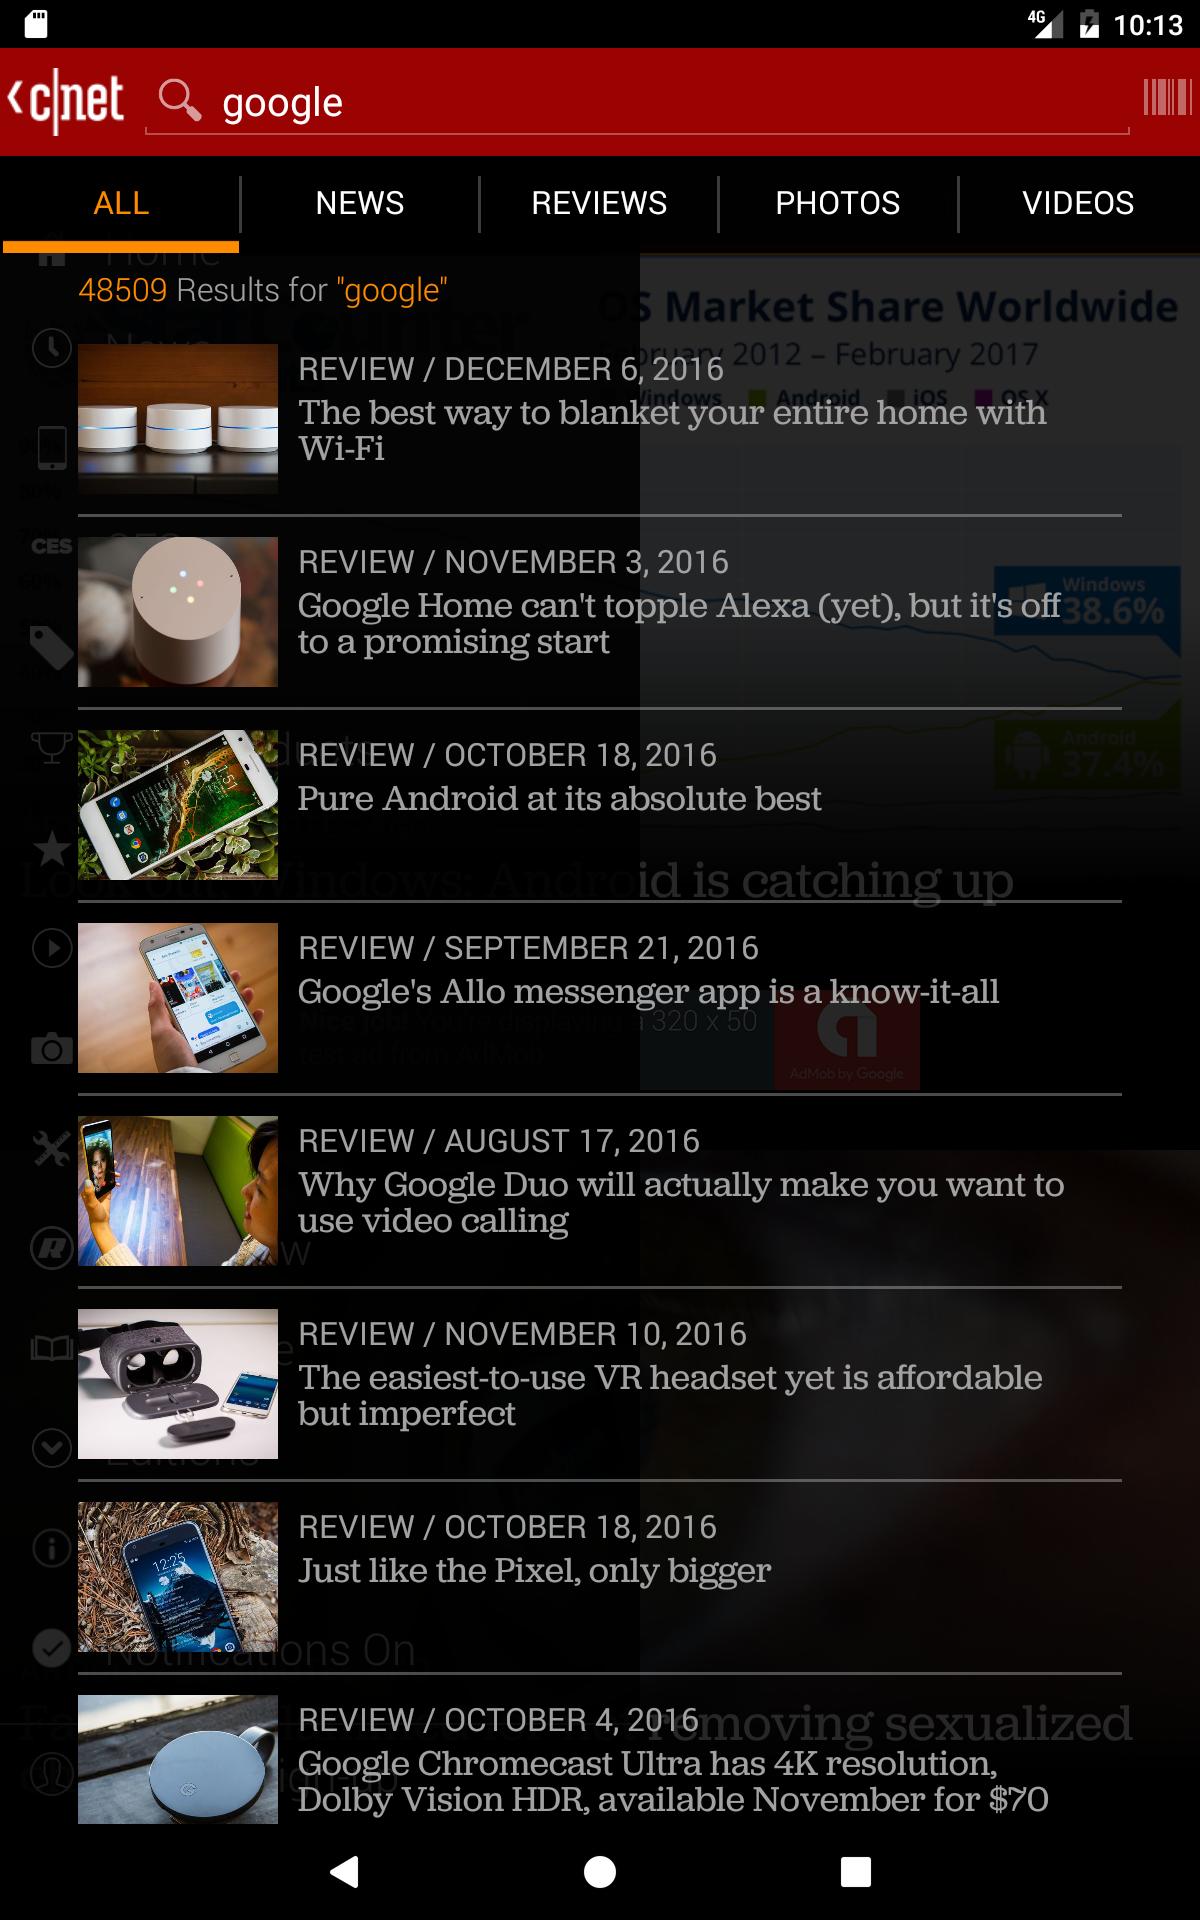 CNET TV: Best Tech News, Reviews, Videos & Deals